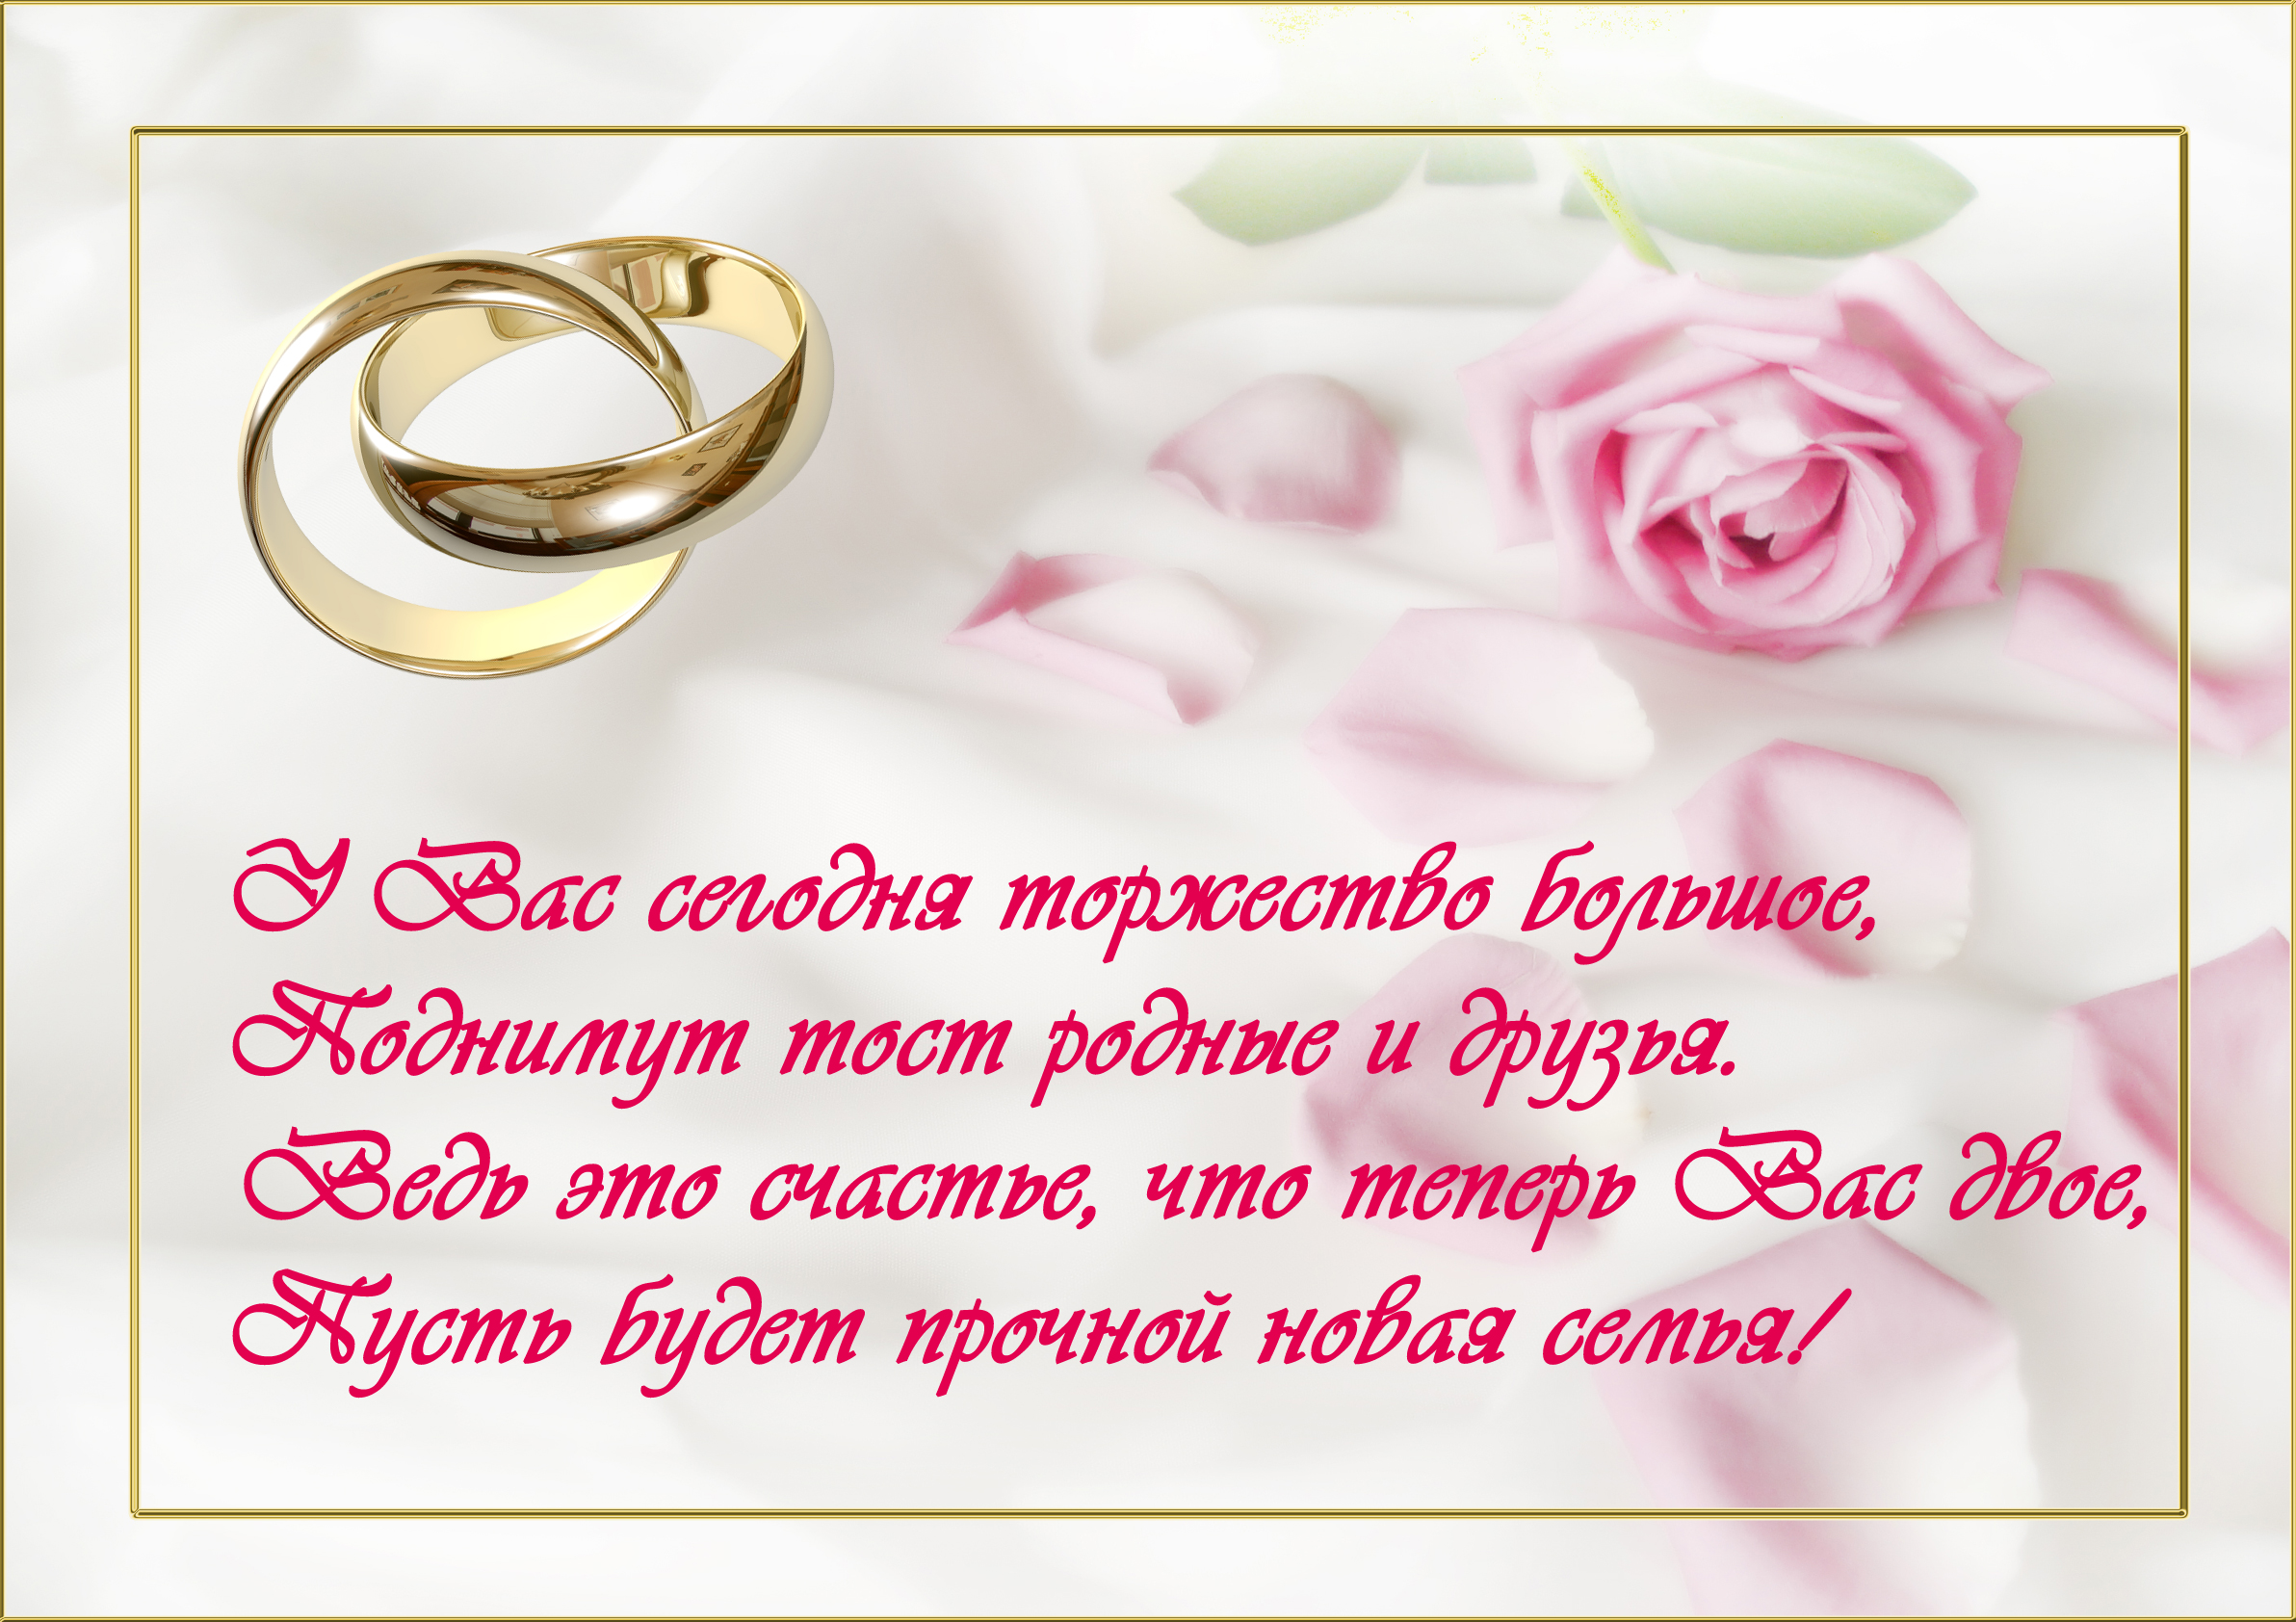 Прикольные поздравления на свадьбу сестренке